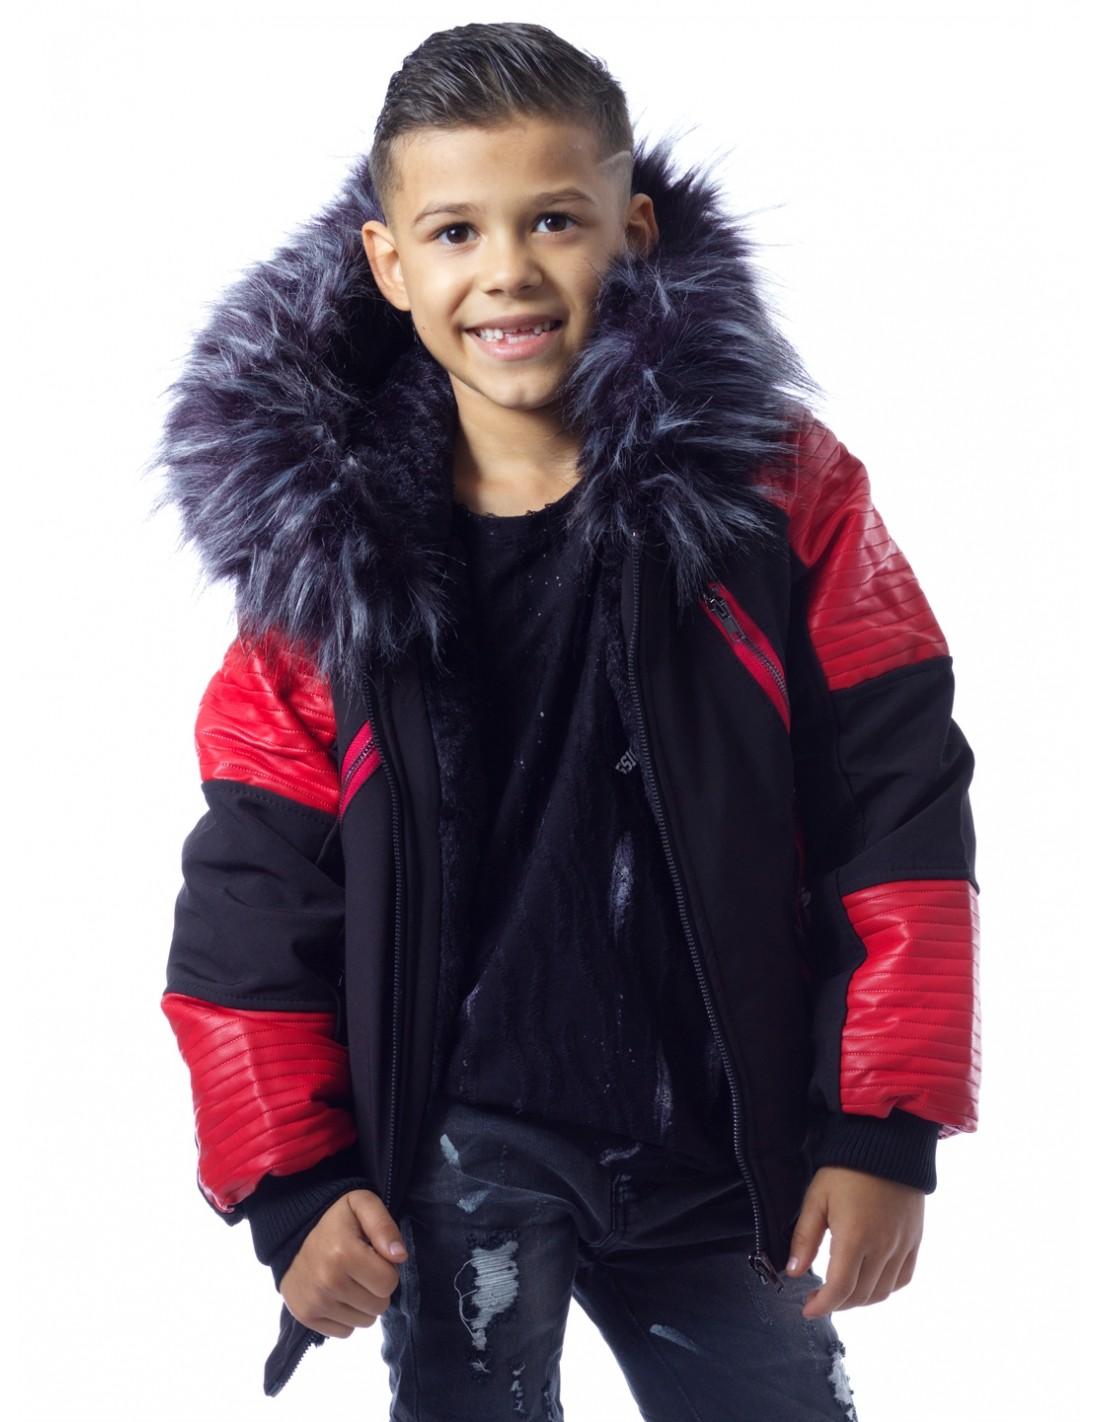 Parka NoirRouge Fourrure Noire G003 Enfant de 1 à 14 ans Garçon du 2 au 14 ans ZERDA BOUTIQUE